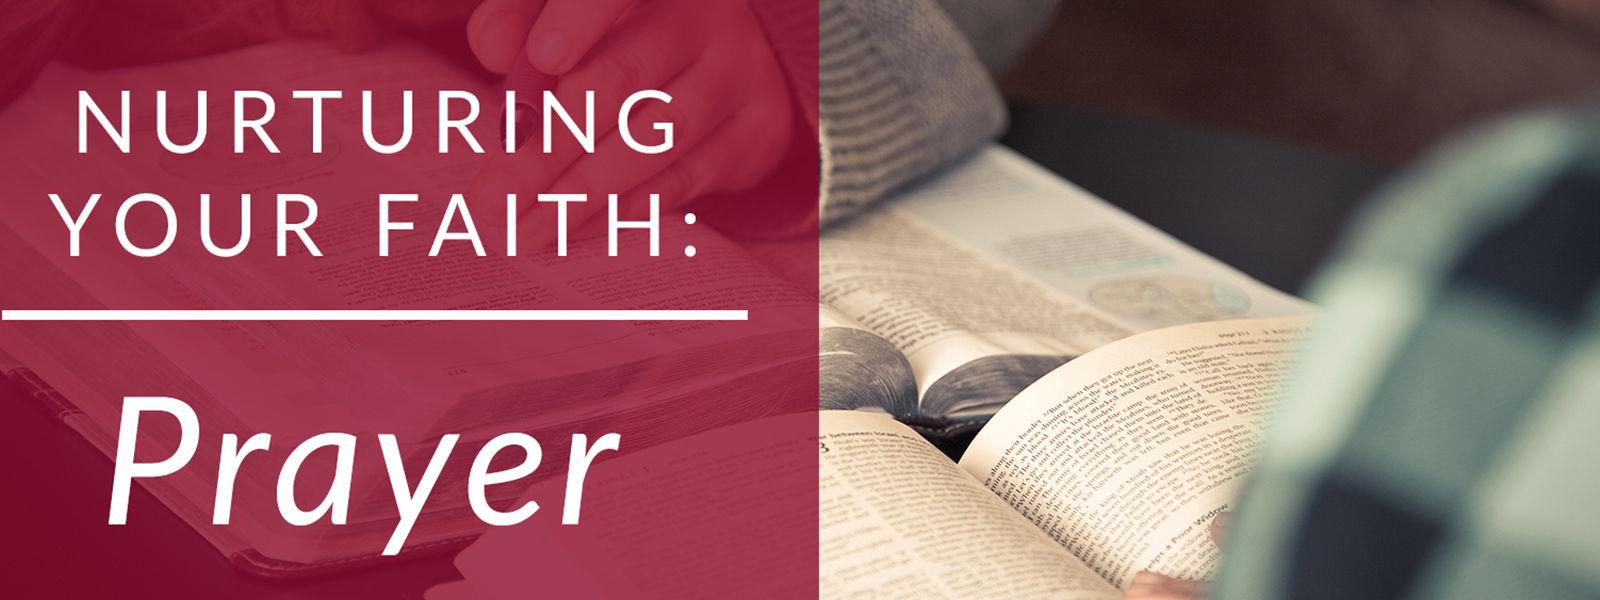 Nurturing Your Faith: Prayer